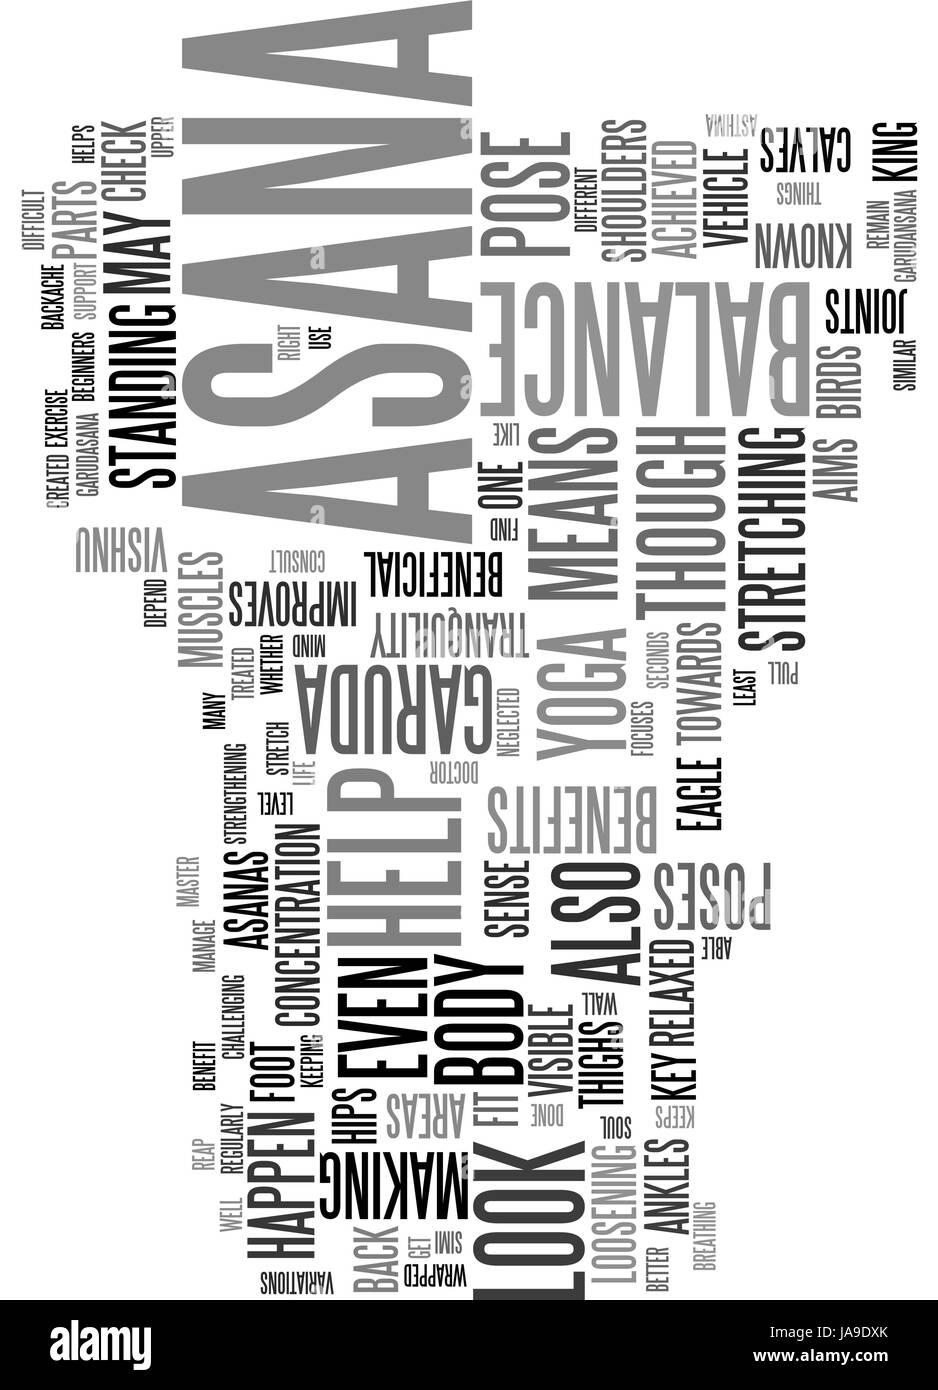 Ventajas de GARUDASANA texto palabra concepto cloud Imagen Vector ...